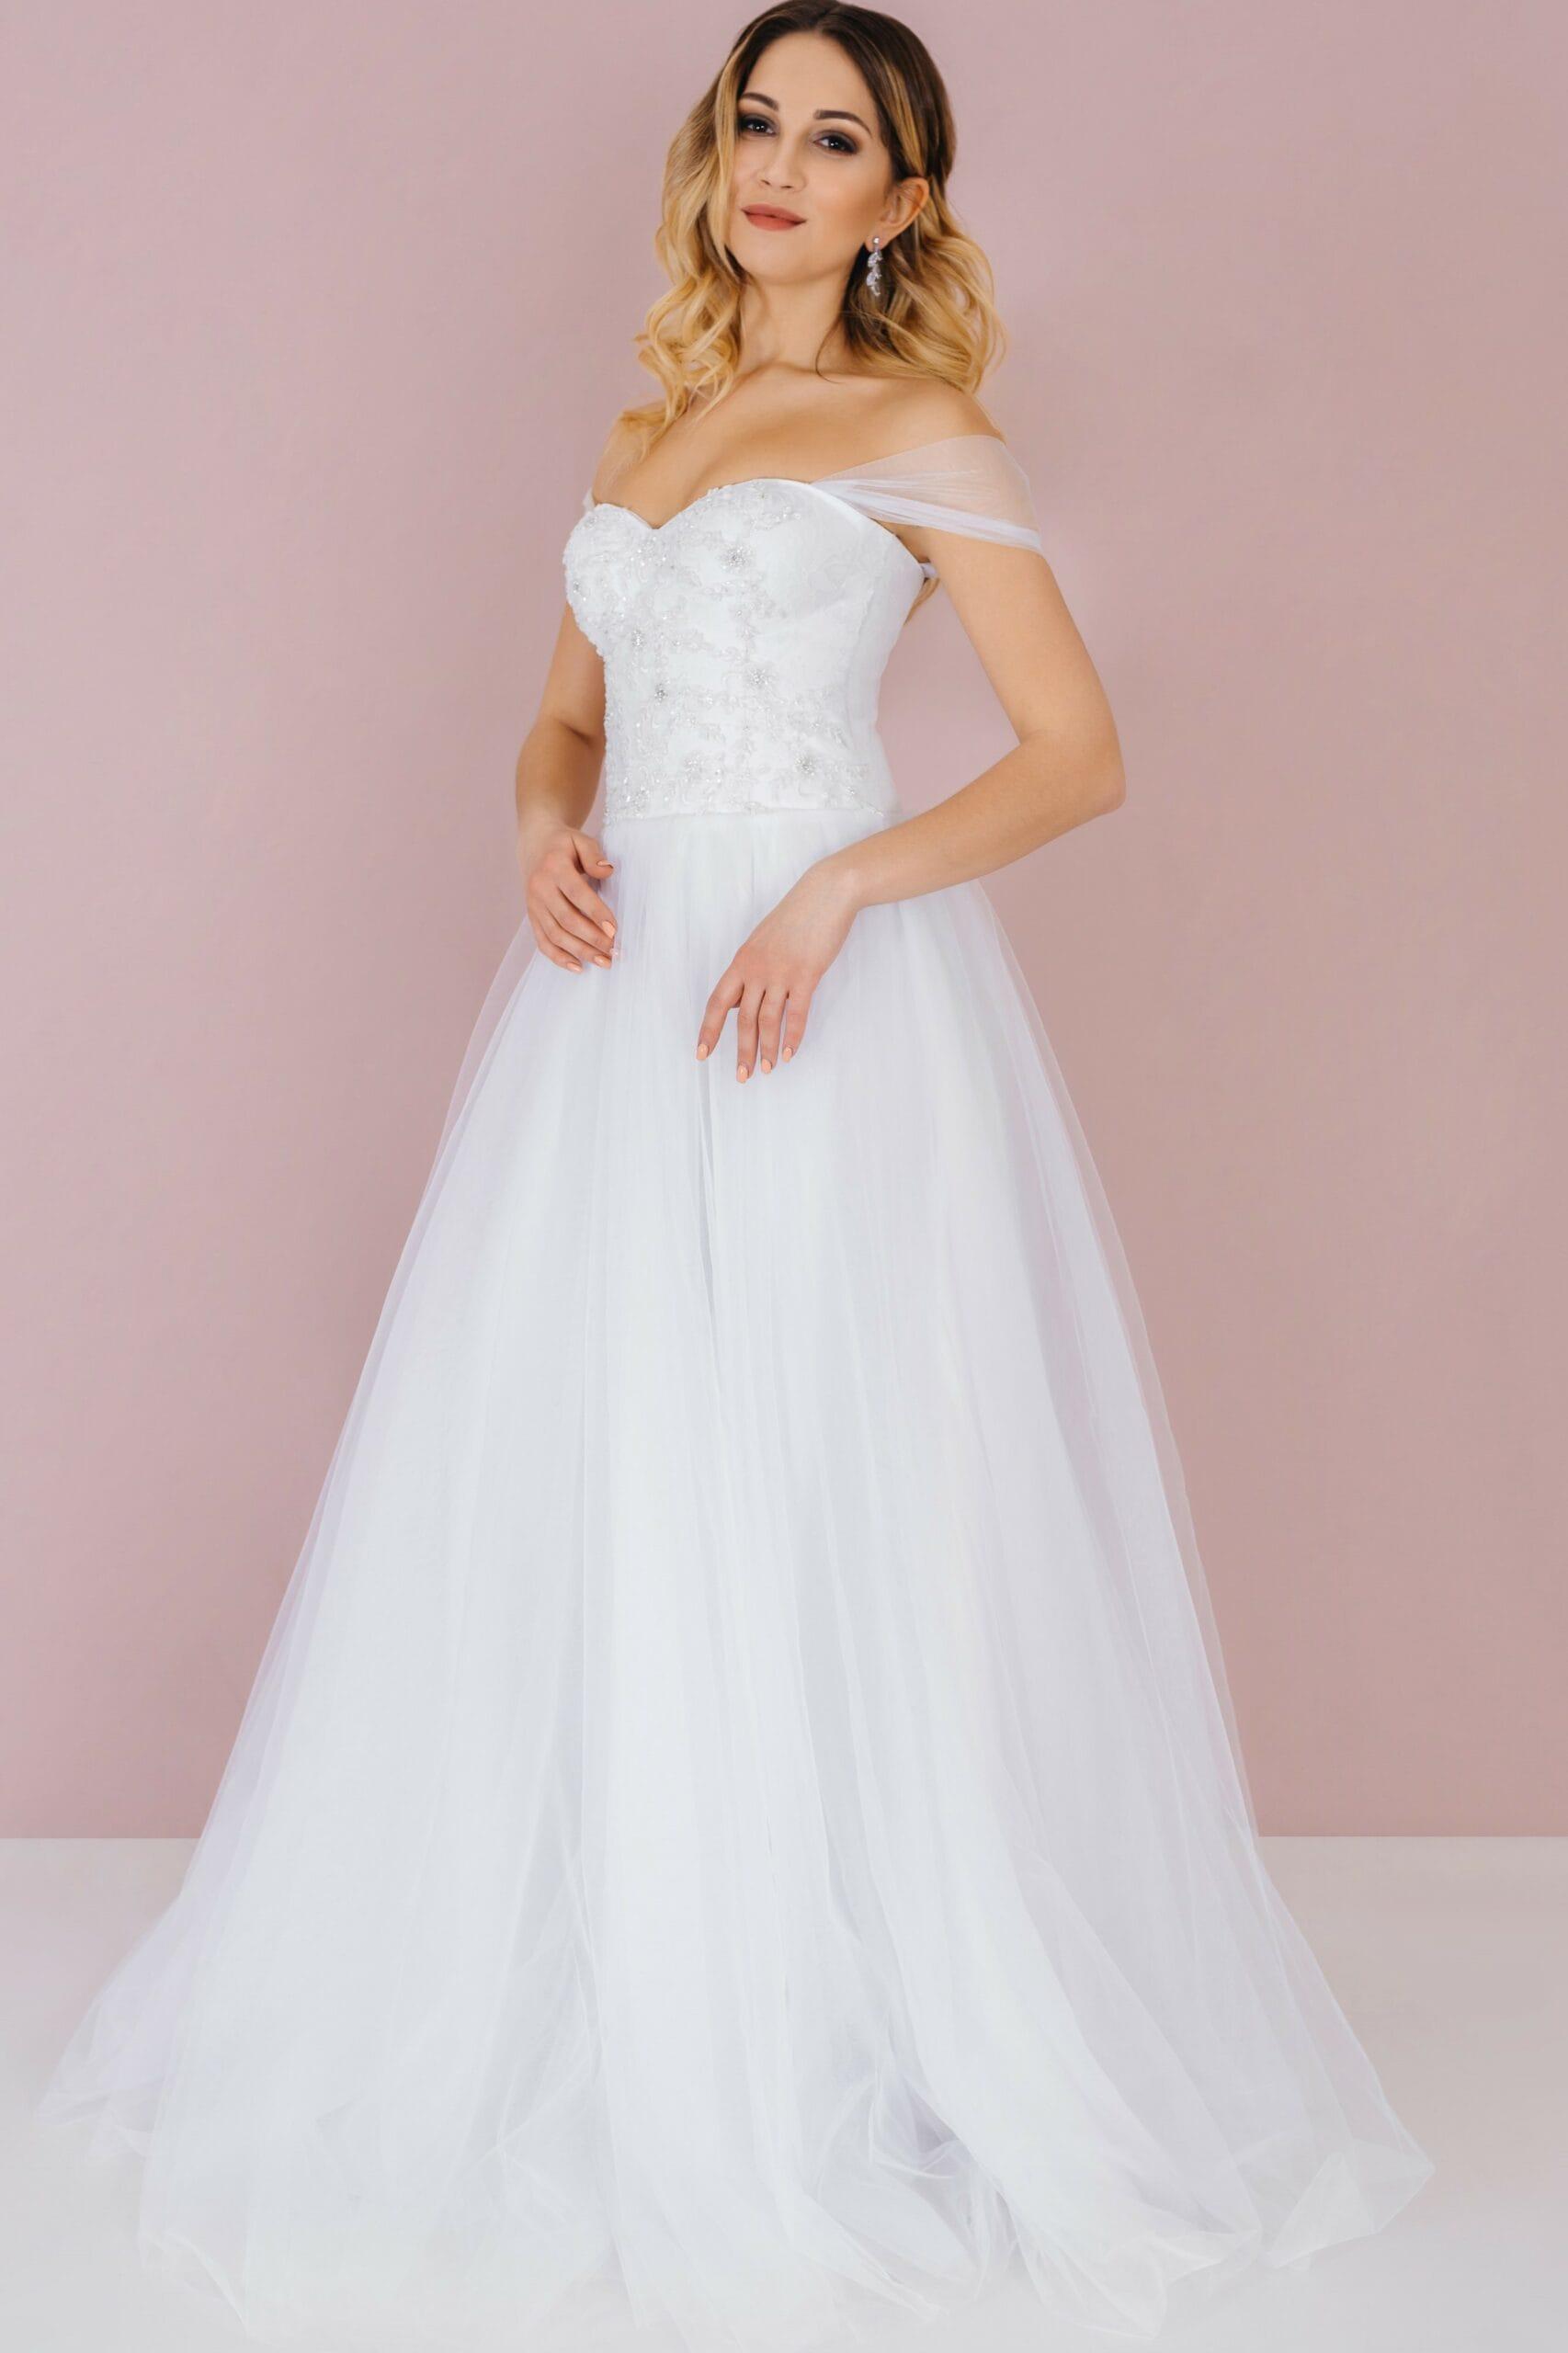 Свадебное платье PEGGIE, коллекция LOFT, бренд RARE BRIDAL, фото 1